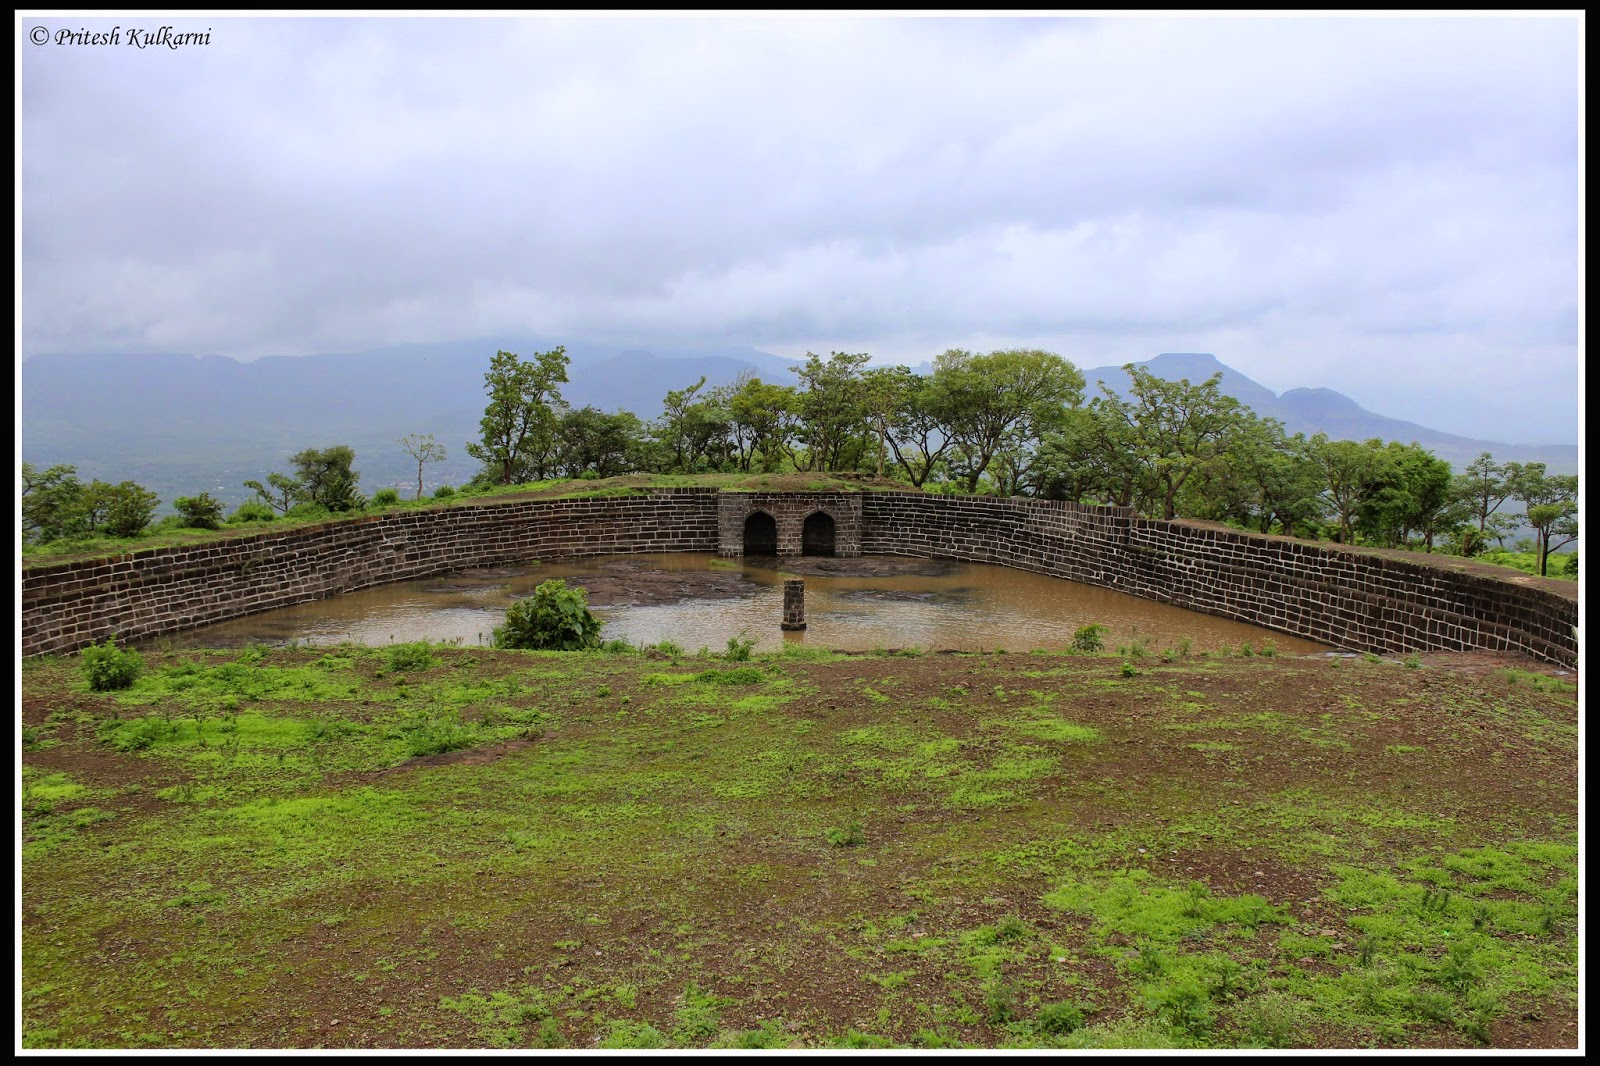 Badami water tank